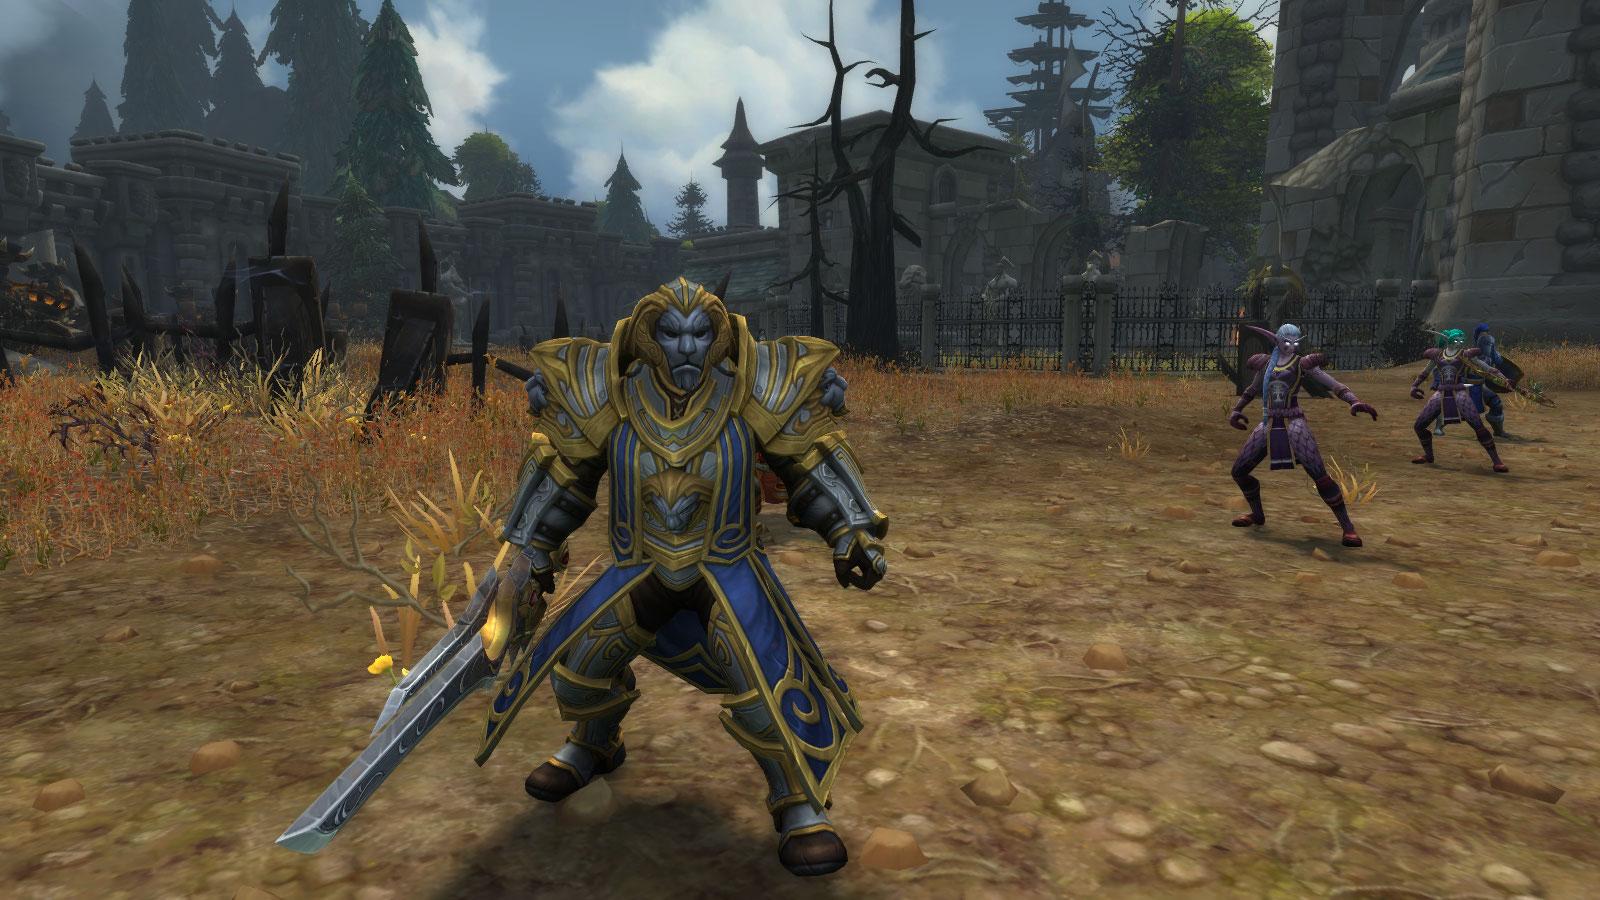 Partez affronter la Horde aux côtés du Roi Anduin dans la bataille de Lordaeron